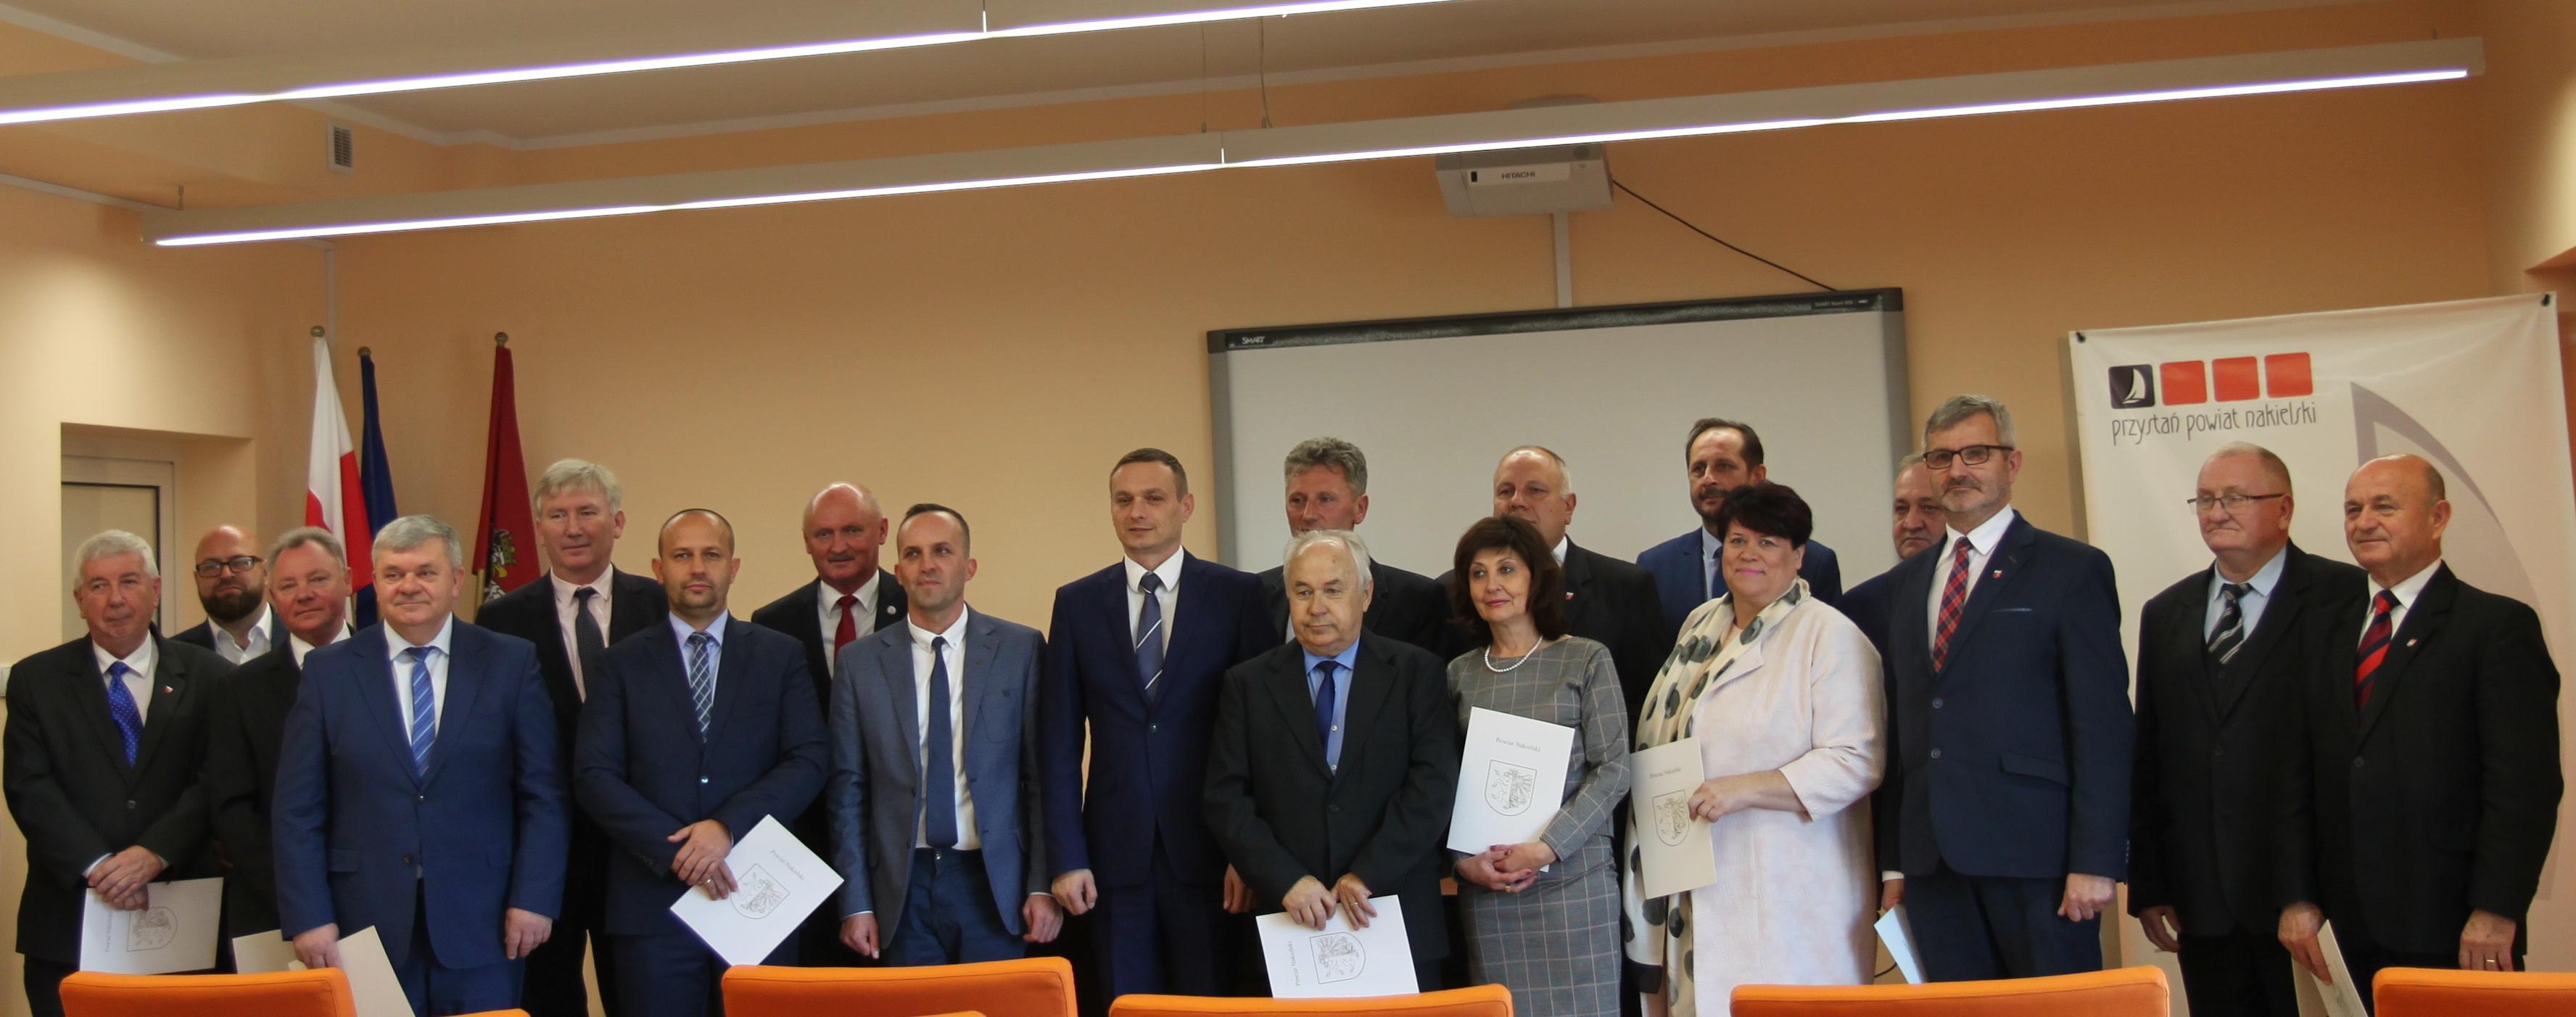 Rada Powiatu Nakielskiego (2018 - 2023)